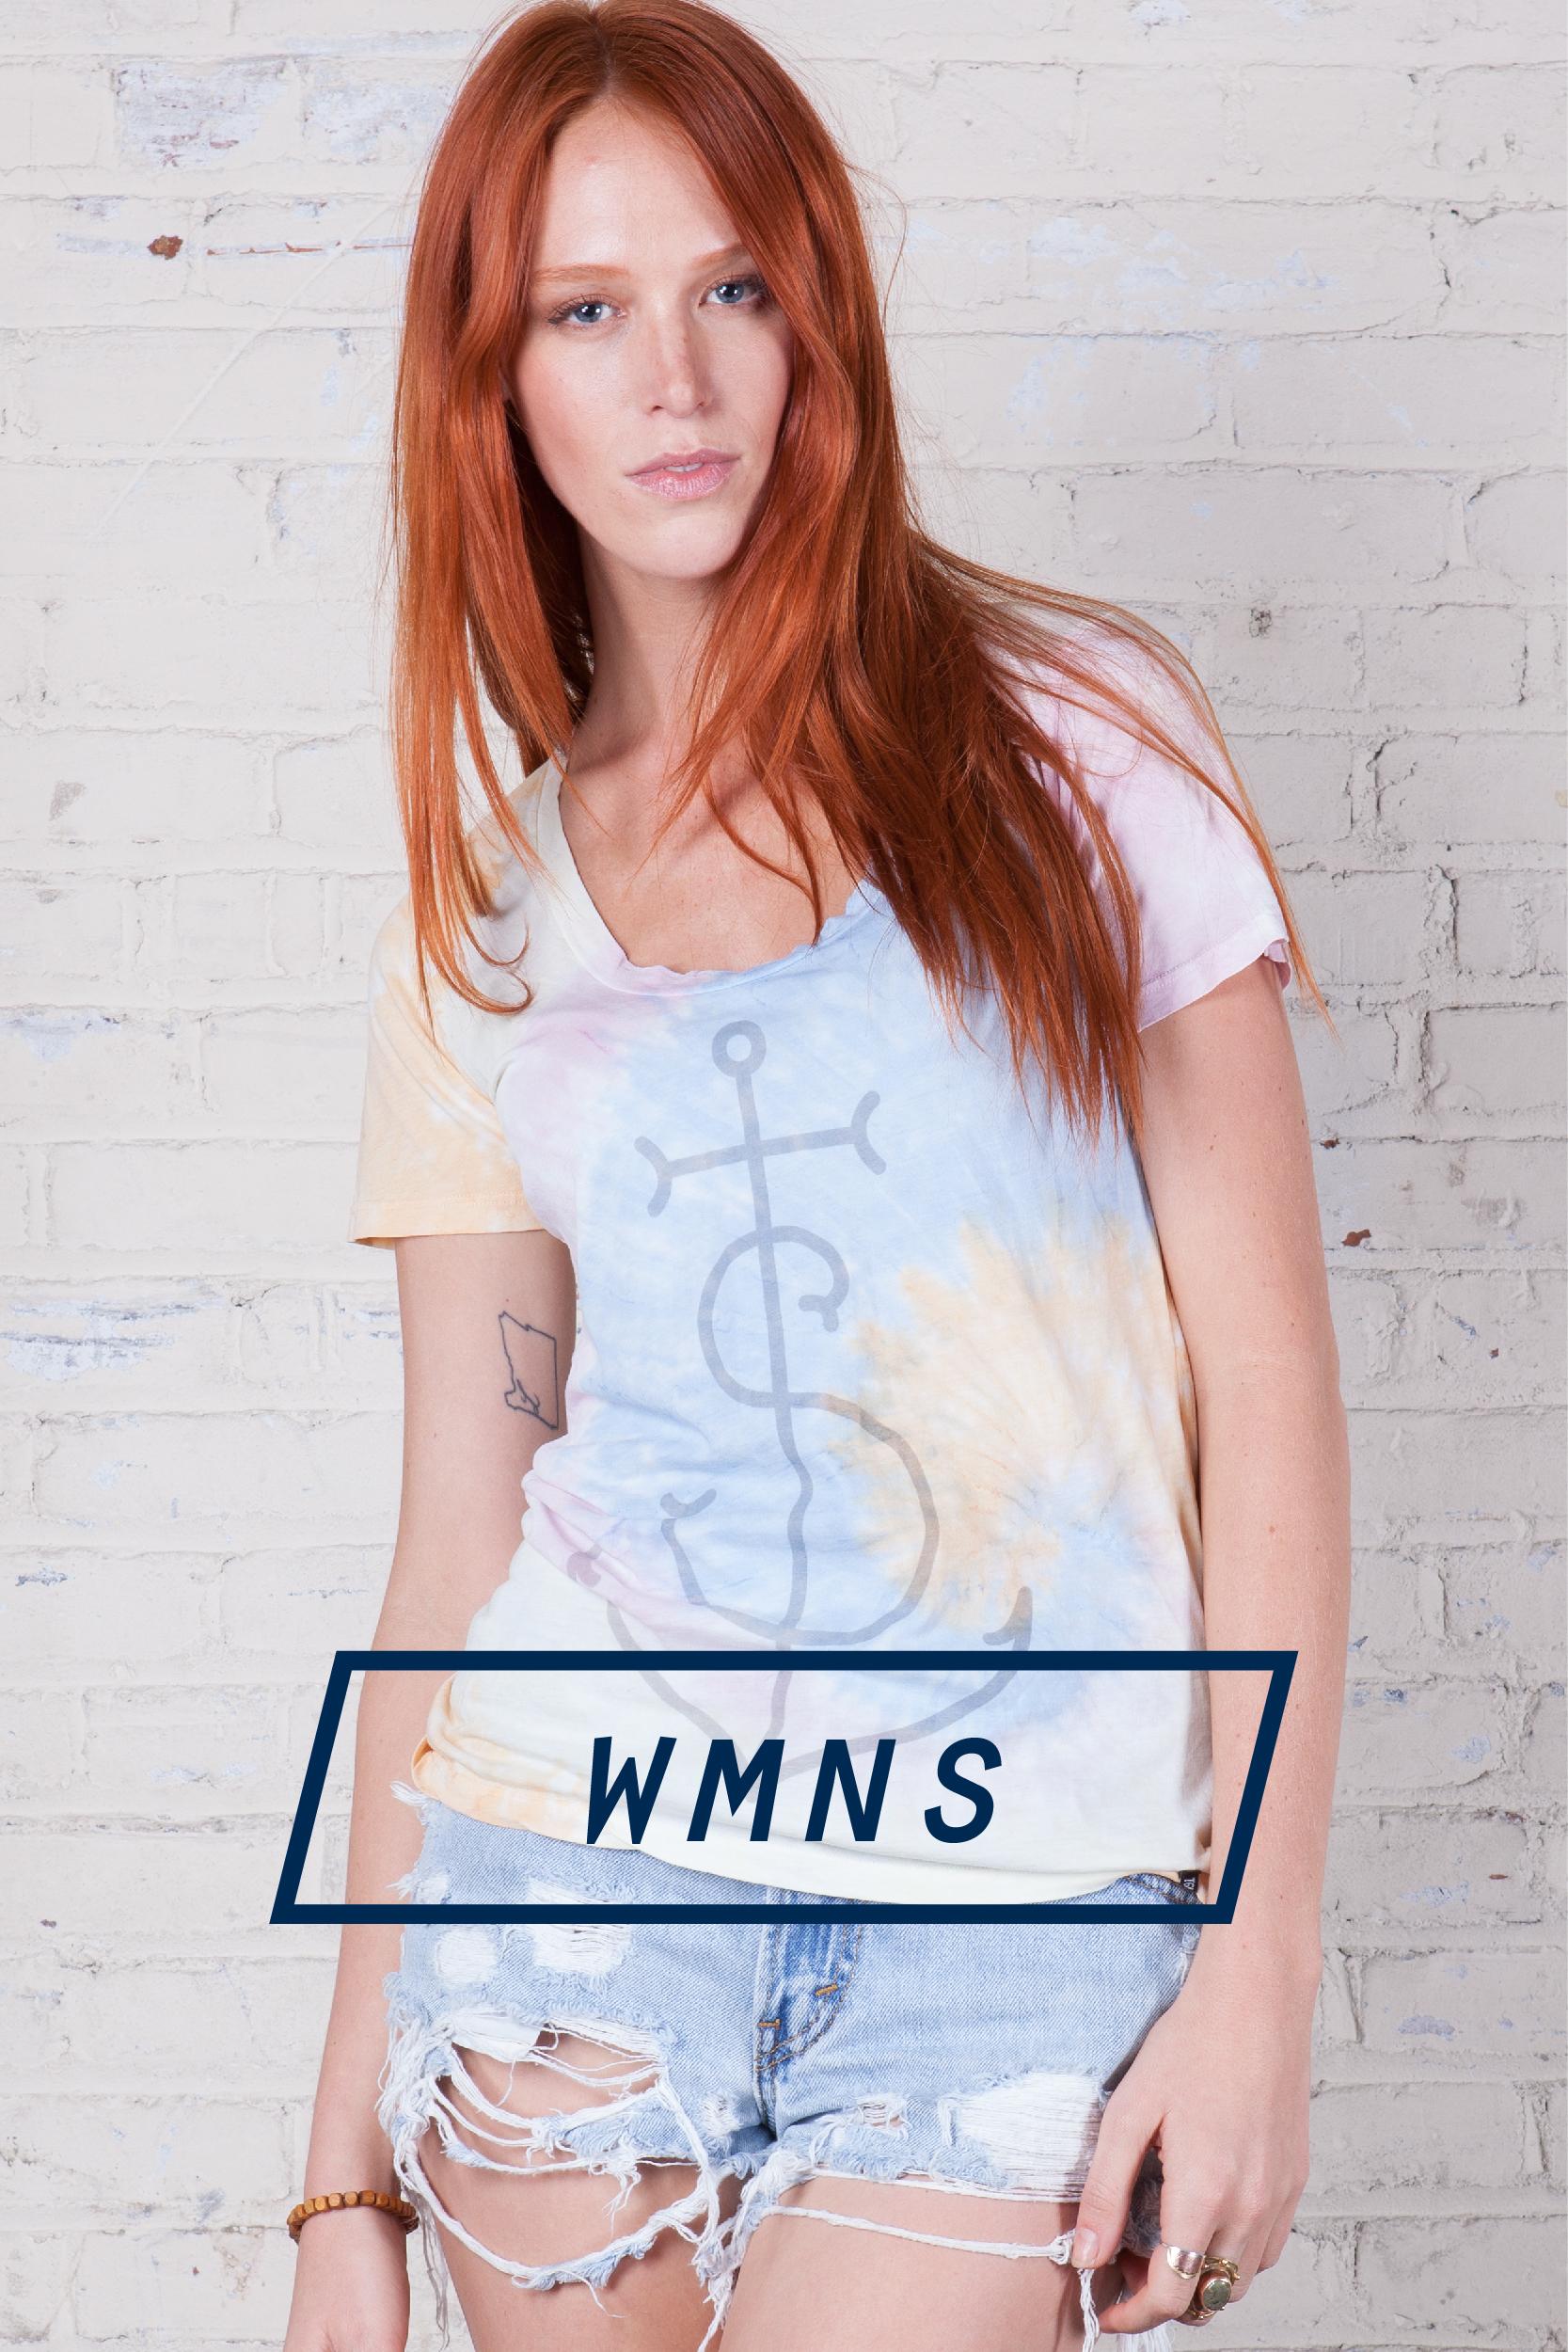 WMNS_Thumbnail-01.jpg